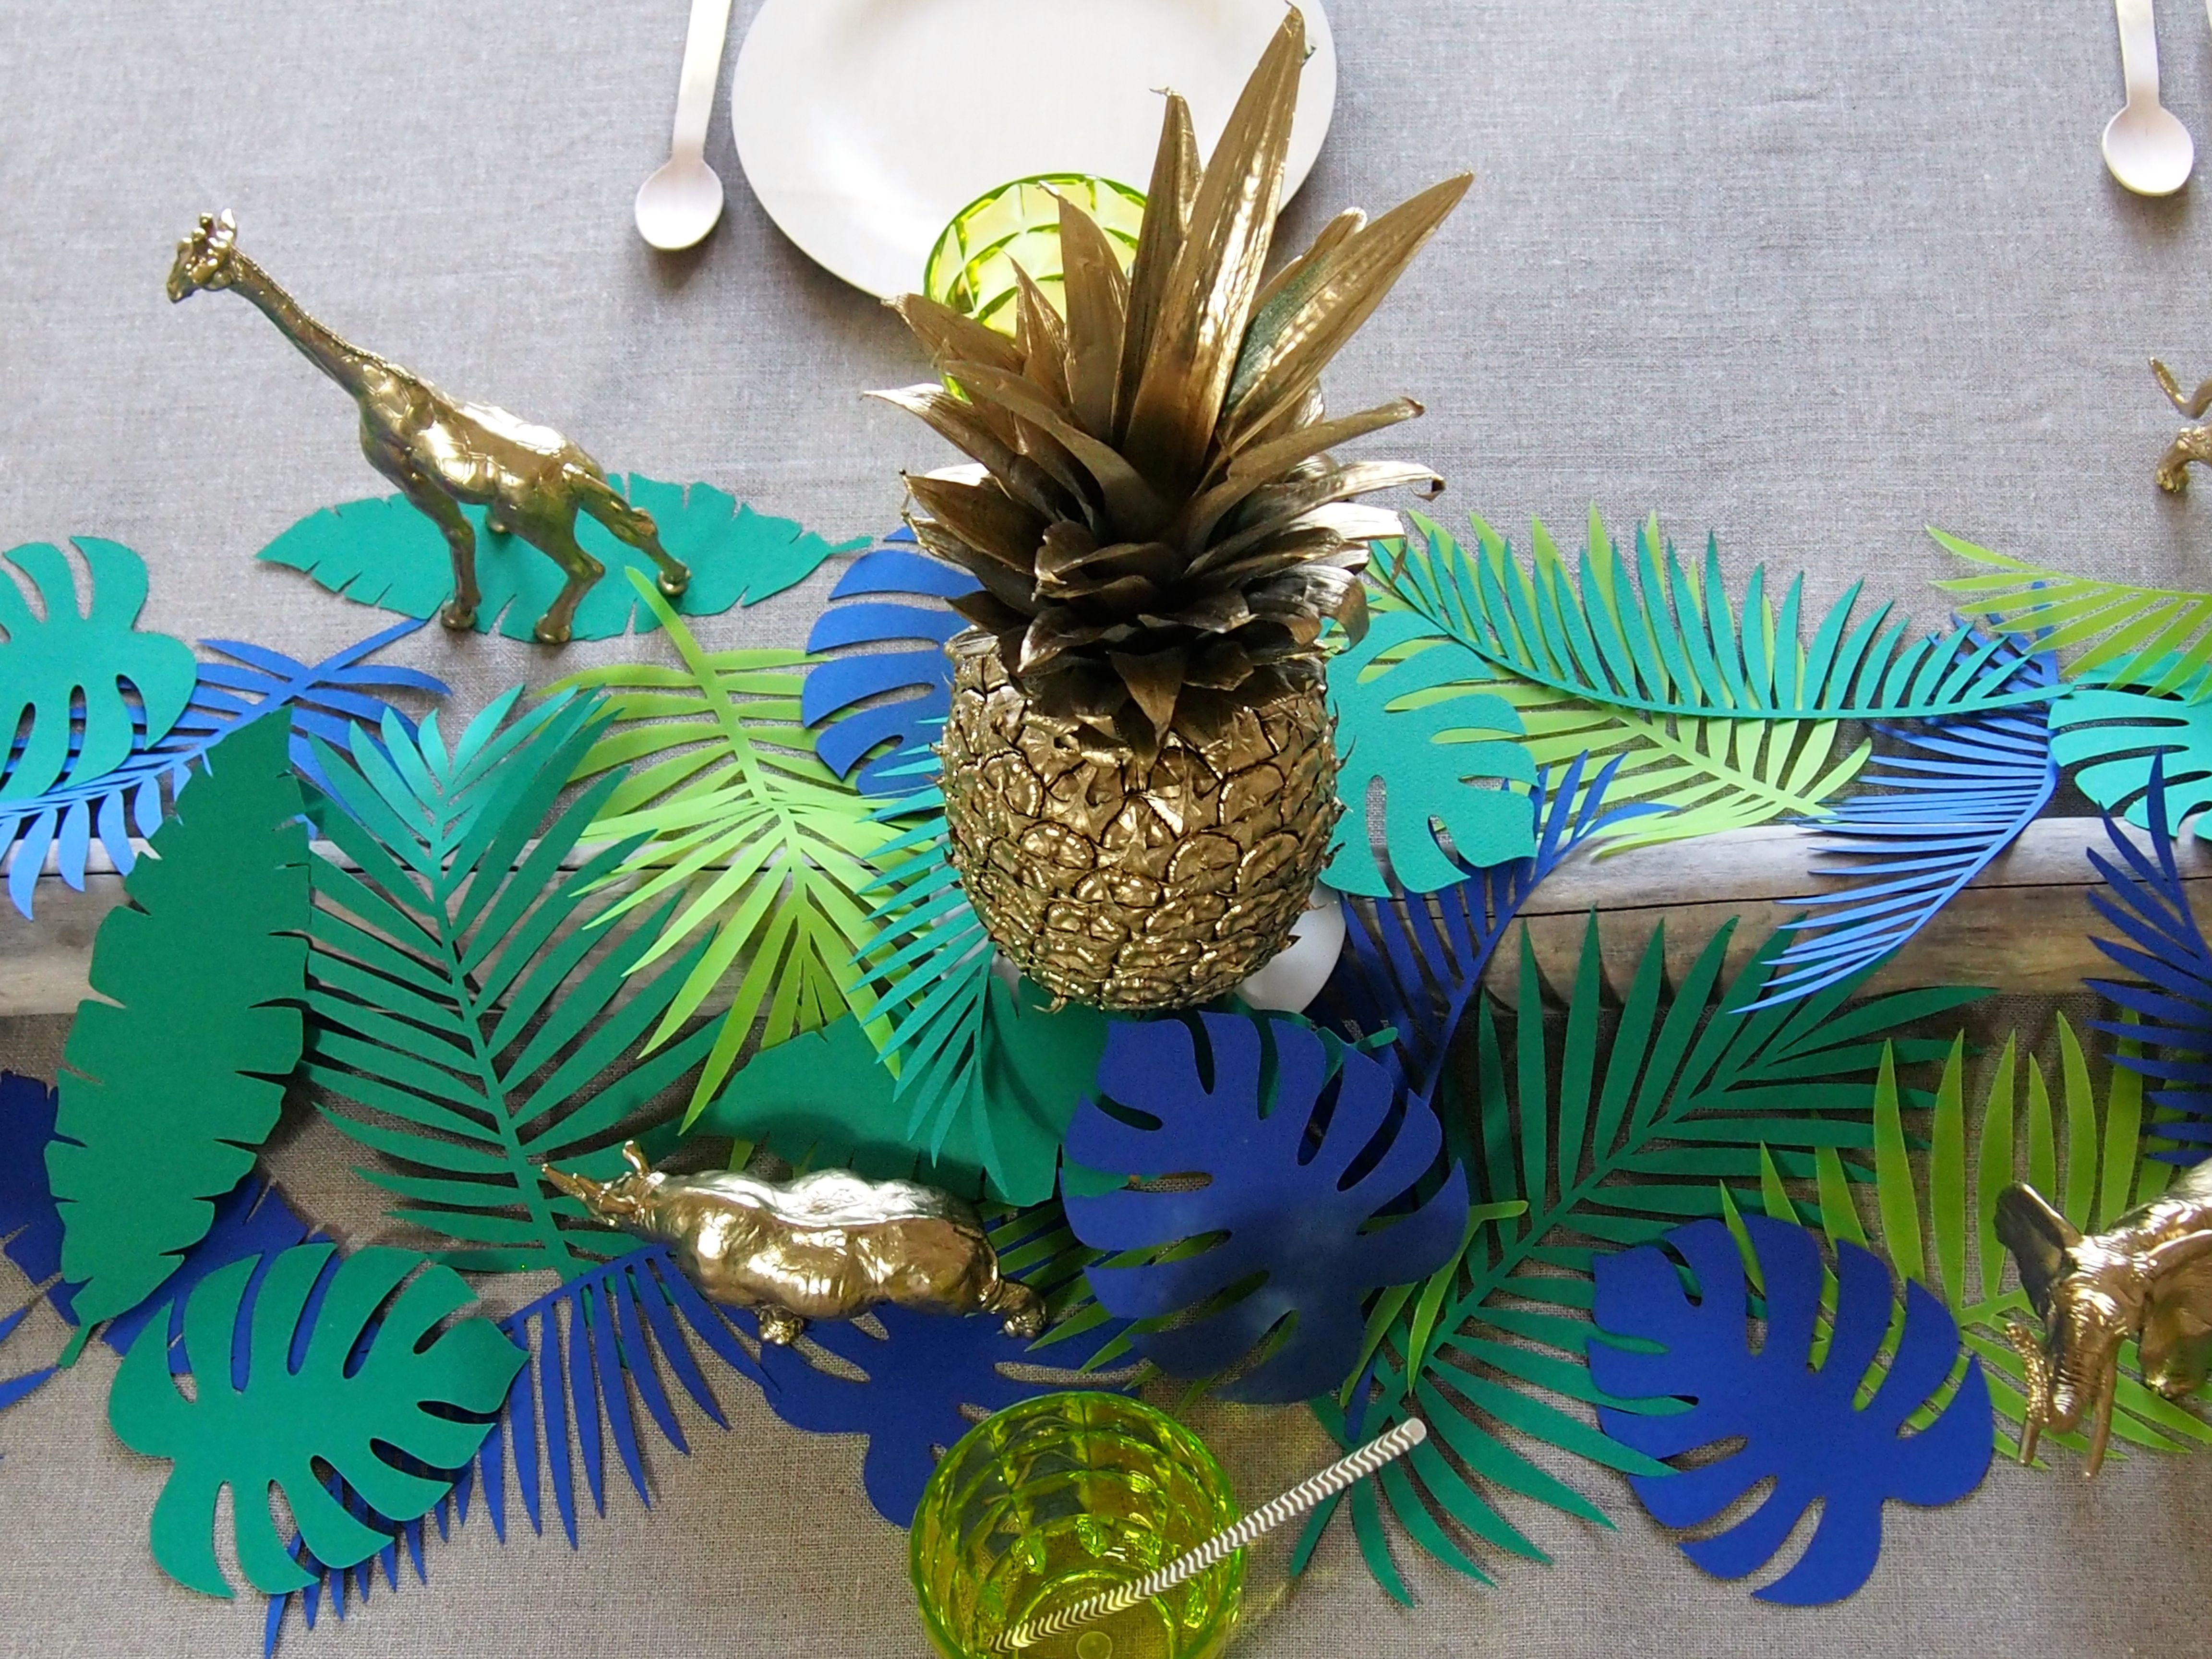 Mise en sc ne d 39 une table sur un th me tropical jungle paperleaves bambu tropical ananas - Deco table jungle ...